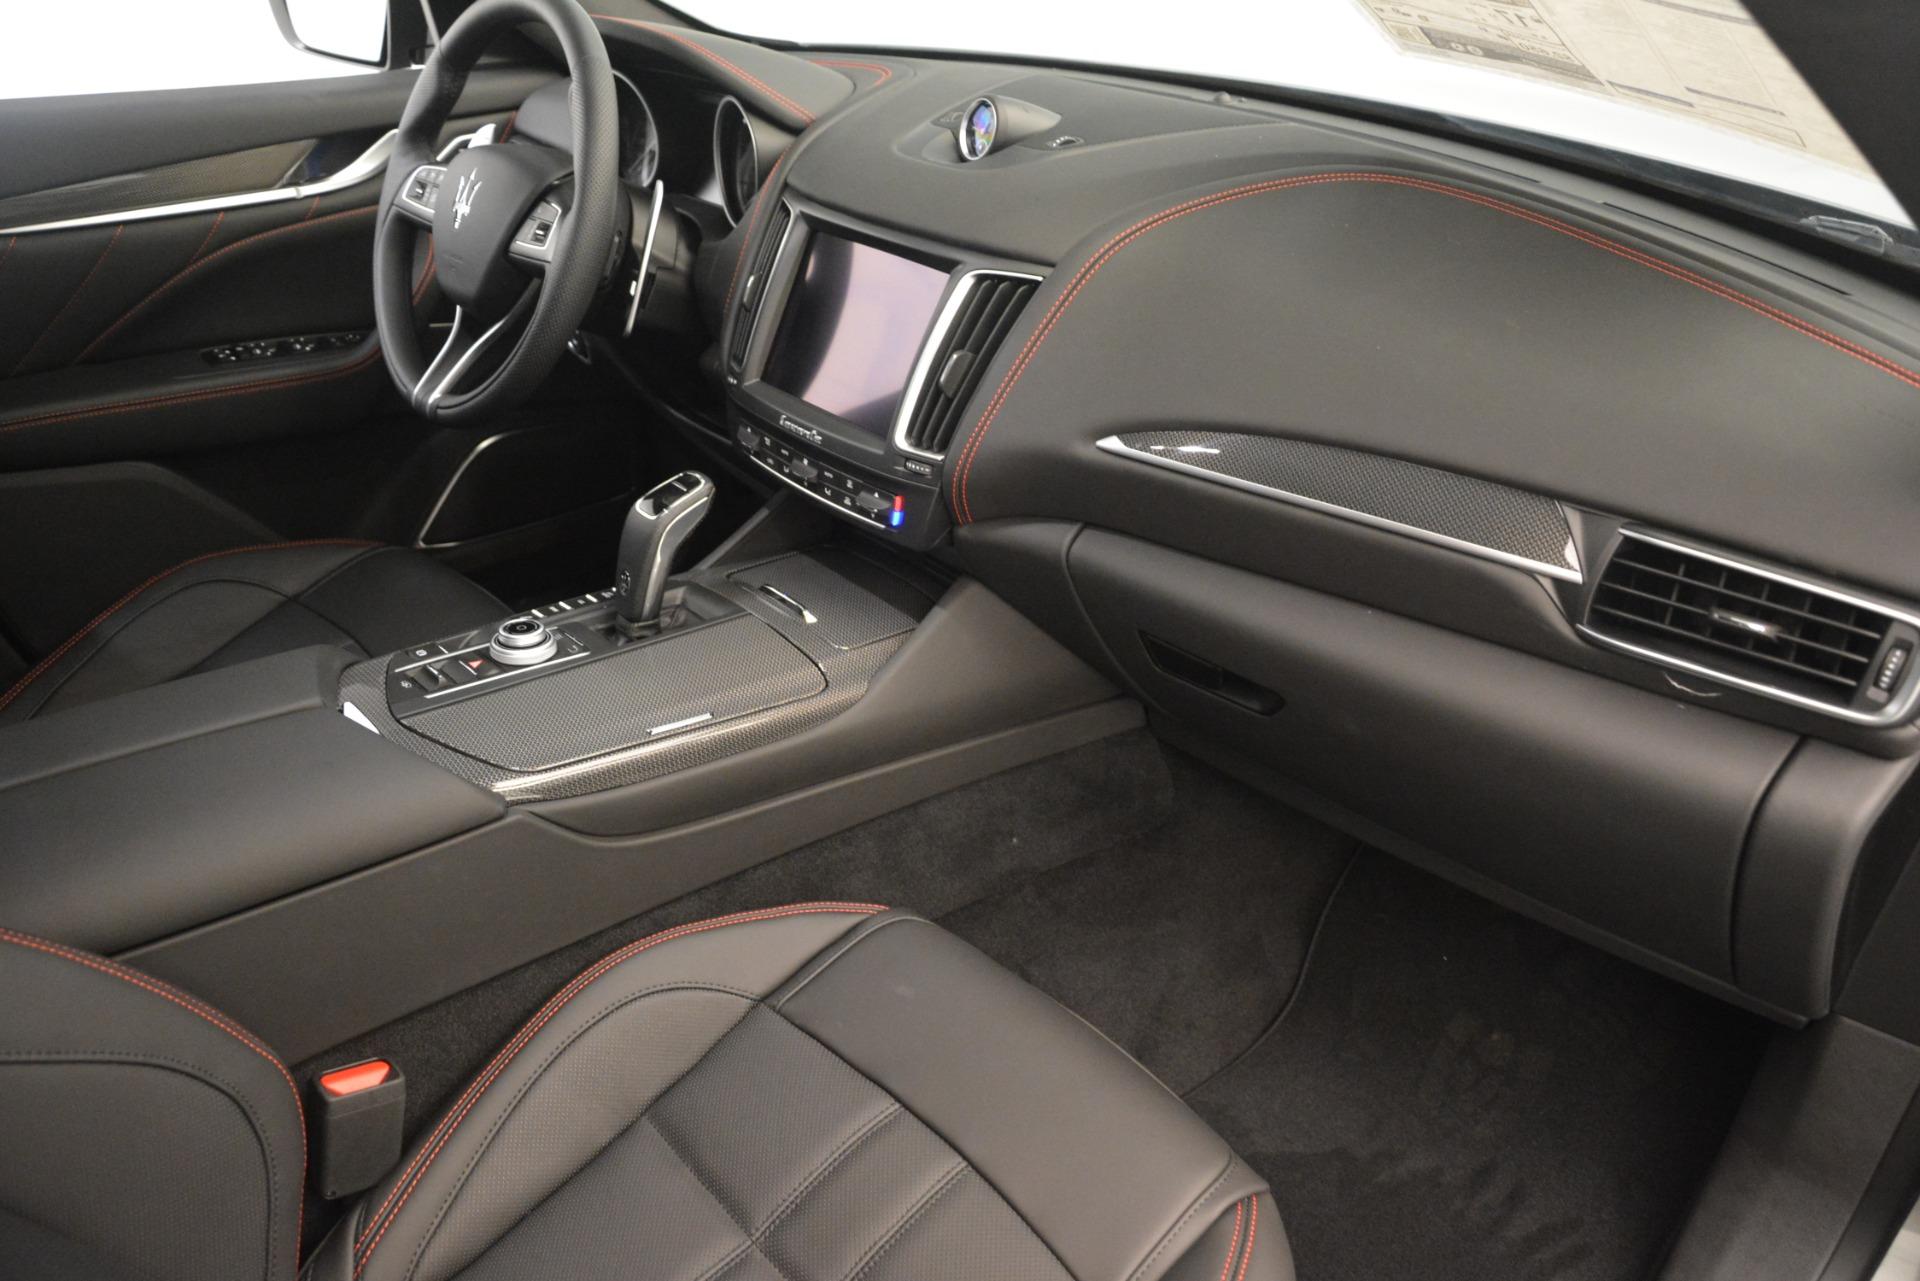 New 2019 Maserati Levante SQ4 GranSport Nerissimo For Sale In Greenwich, CT. Alfa Romeo of Greenwich, M2306 3177_p22